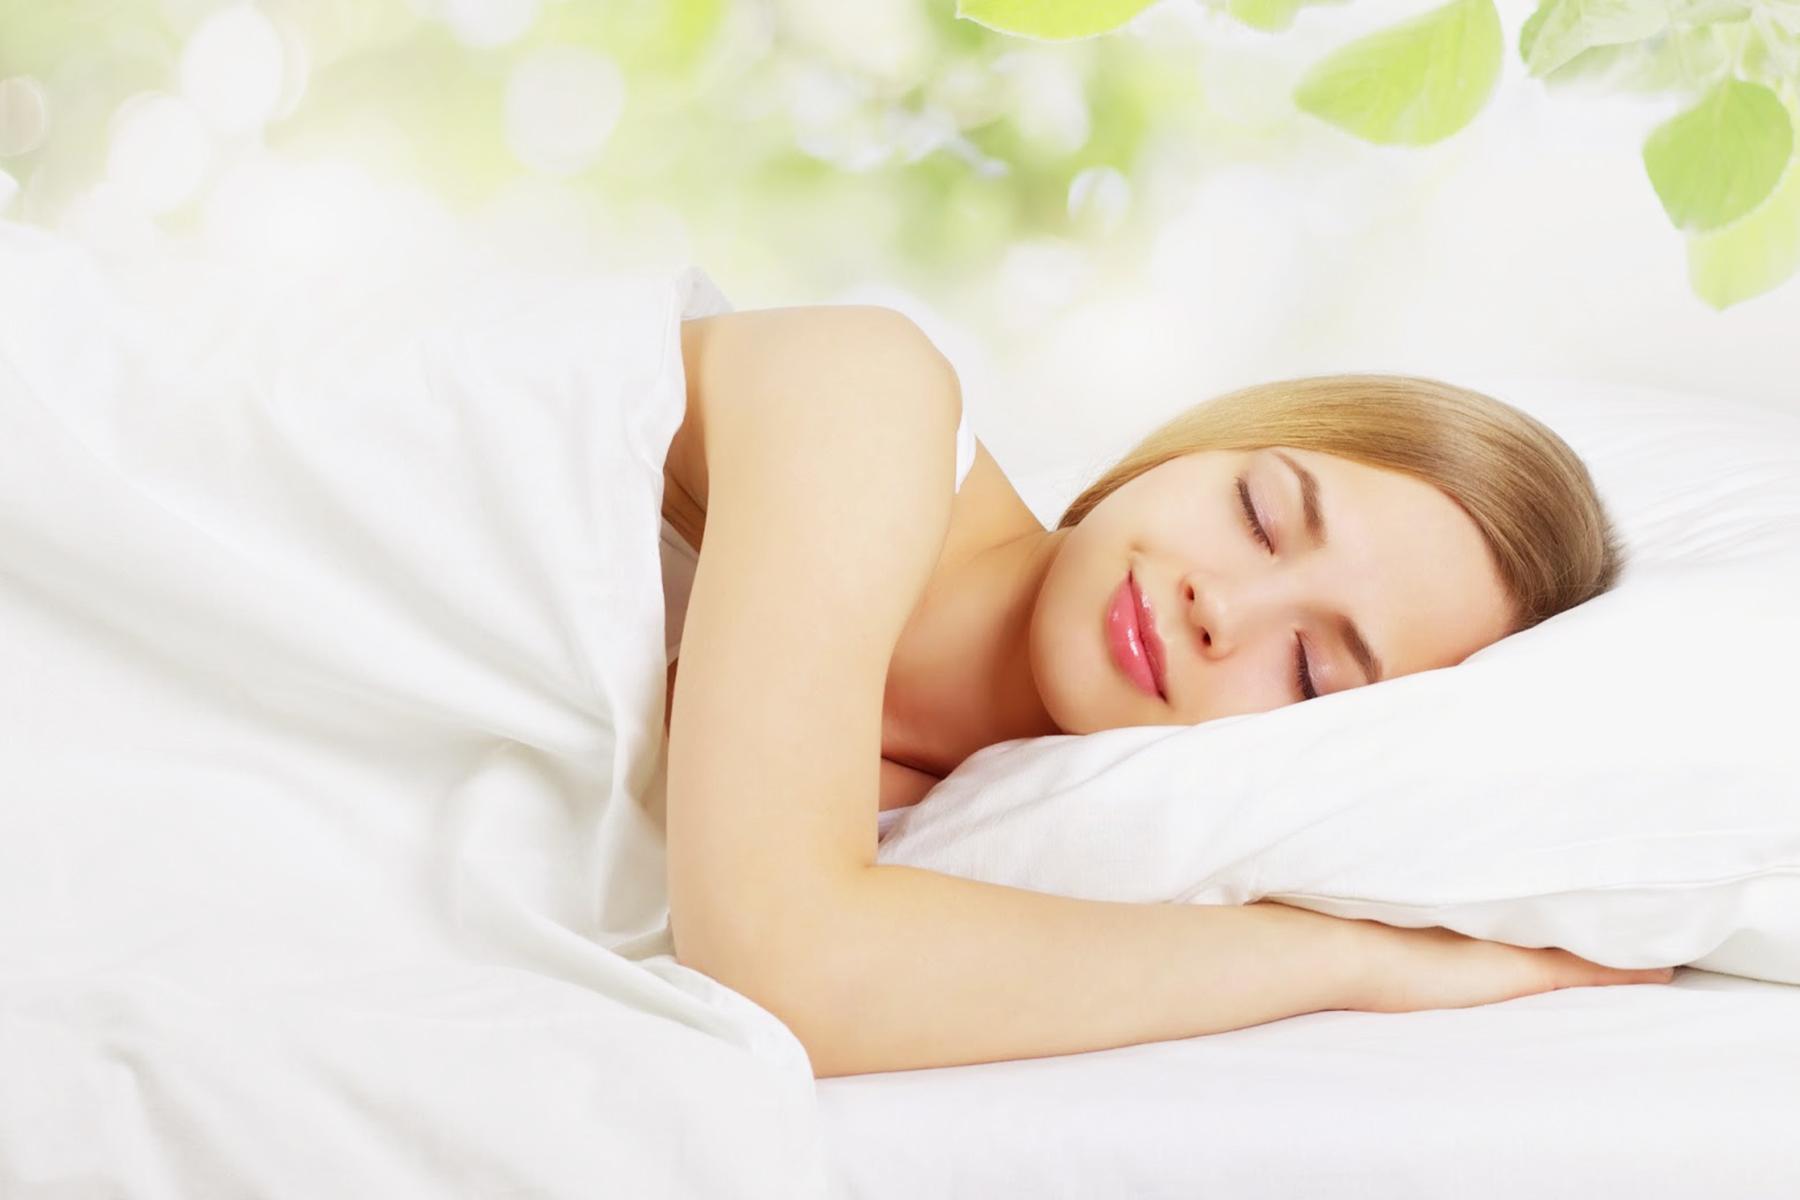 Thế nào là giấc ngủ ngon - Tinh dầu thơm phòng